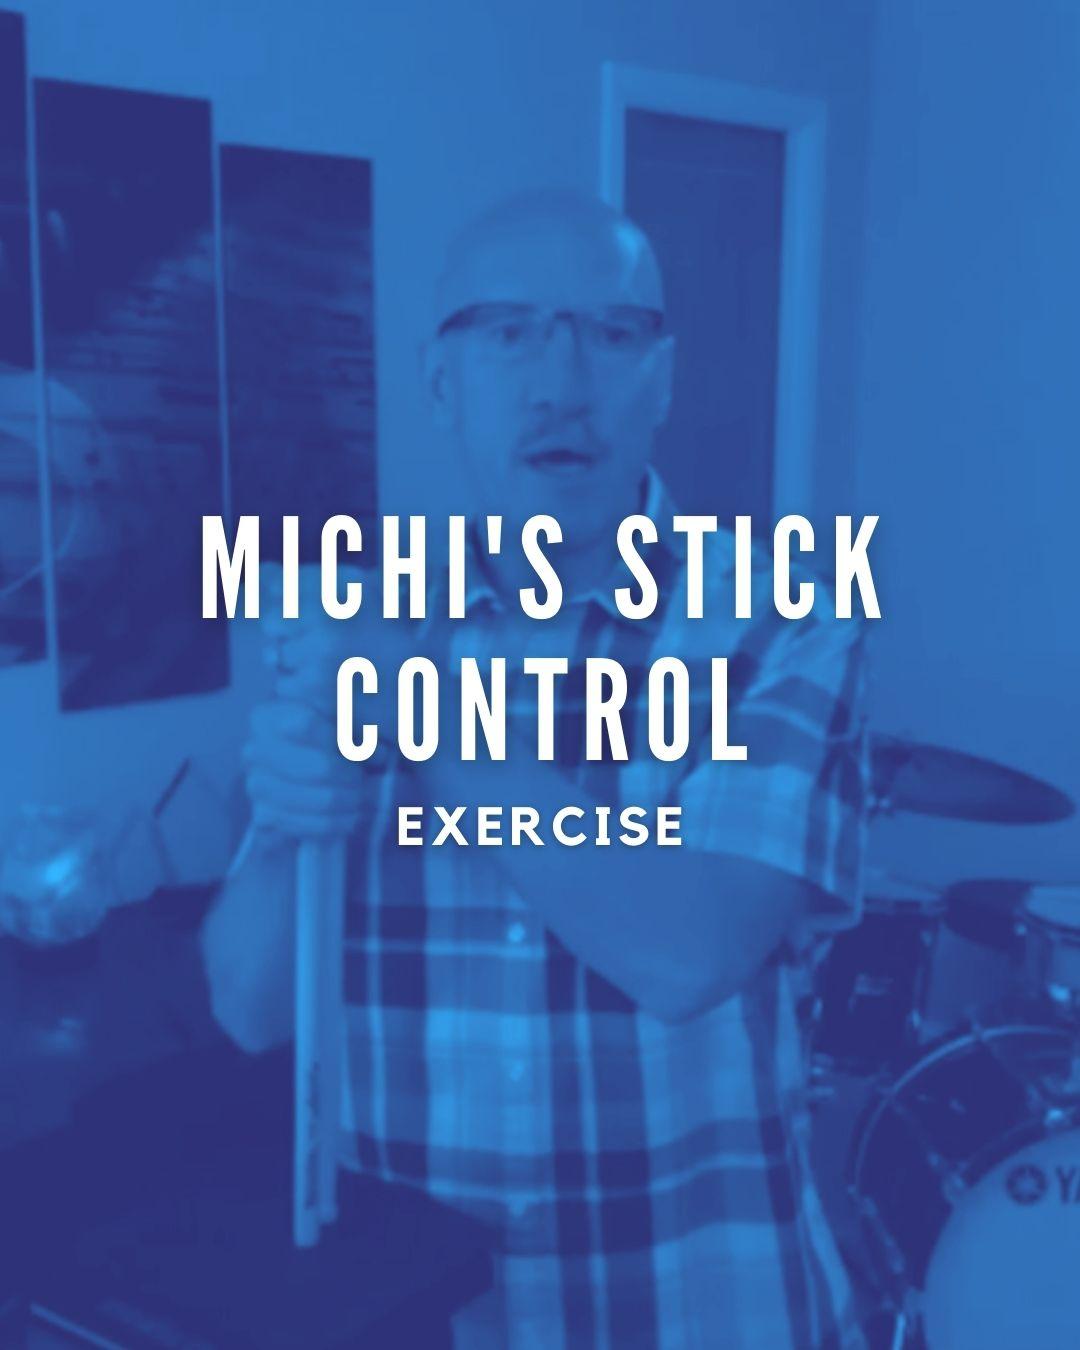 Michi's Stick Control